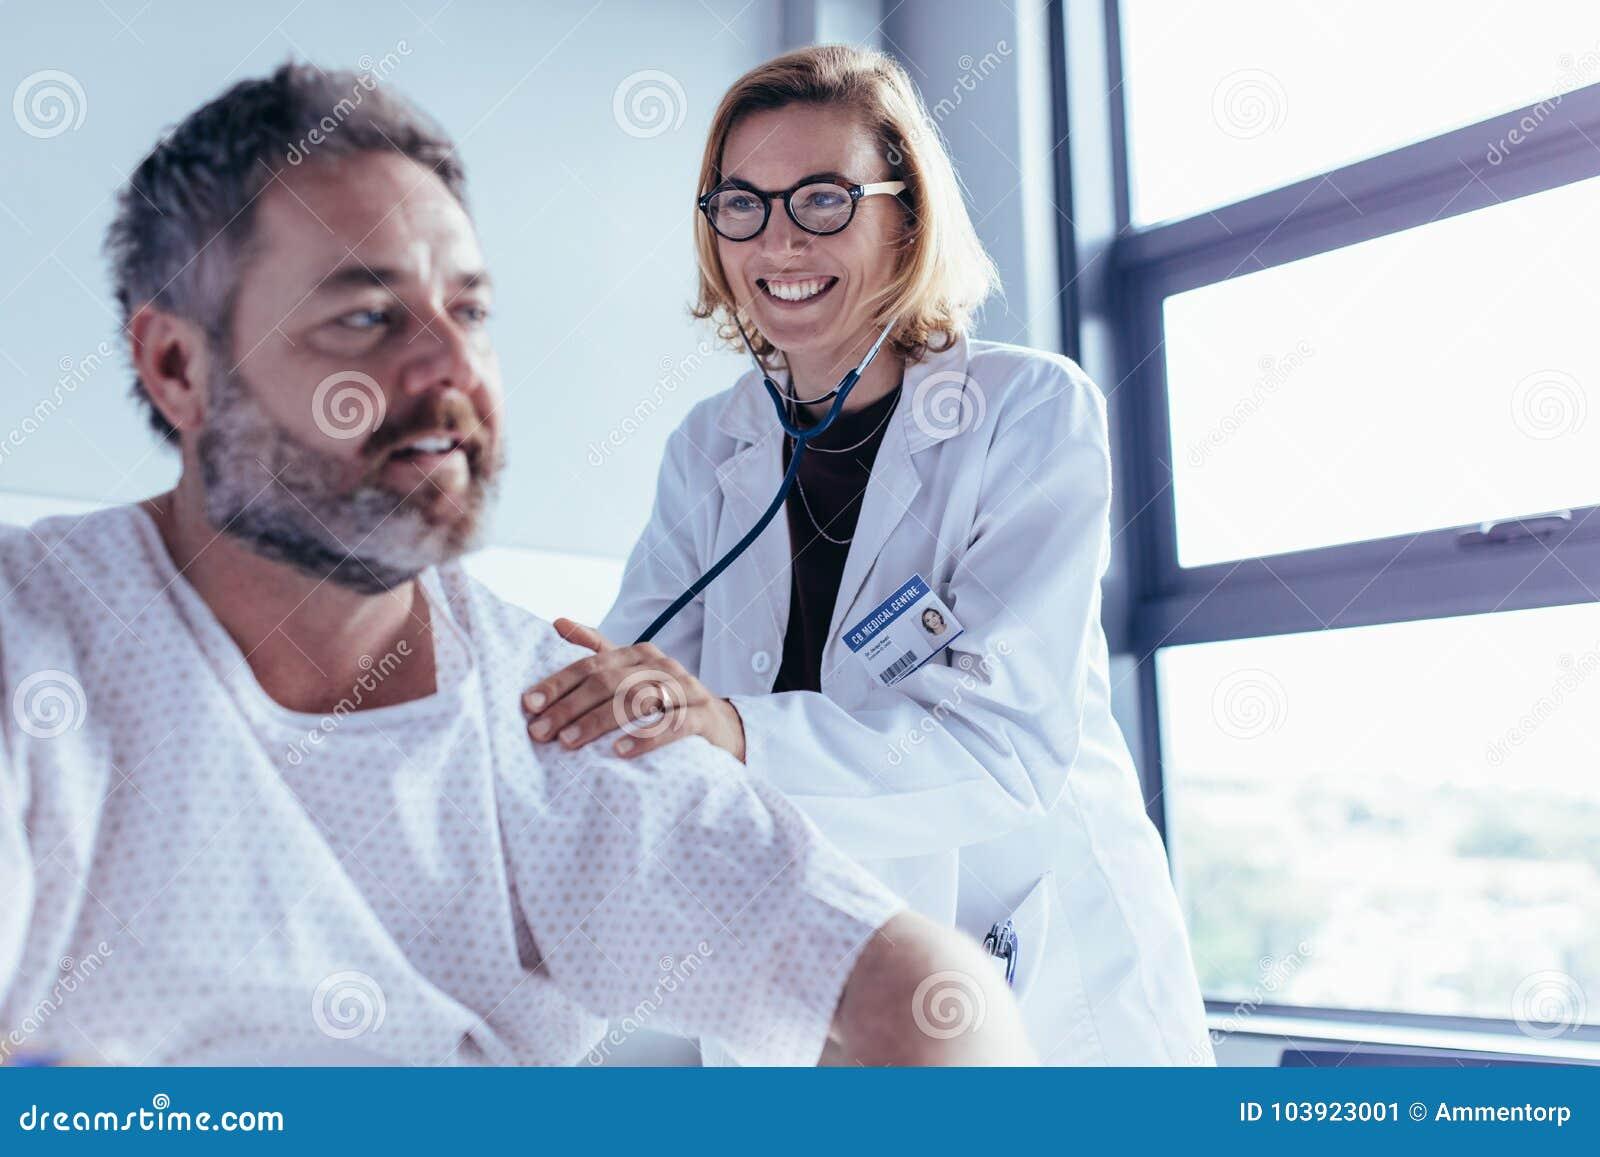 Läkarundersökning av den mogna mannen i sjukhussal